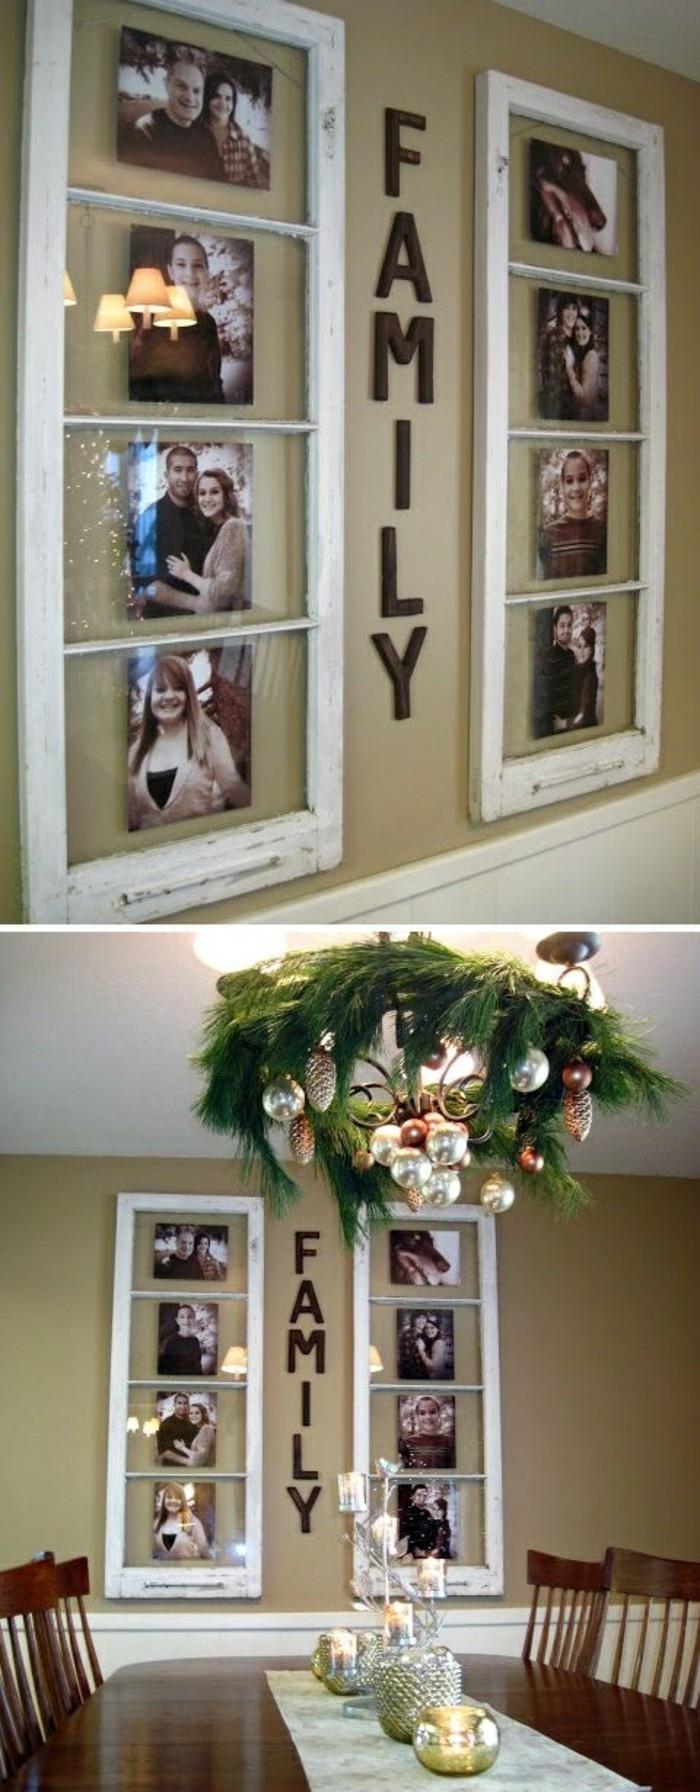 bilderrahmen-selber-machen-weise-alte-rahmen-tisch-stuhle-weihnachtsdeko